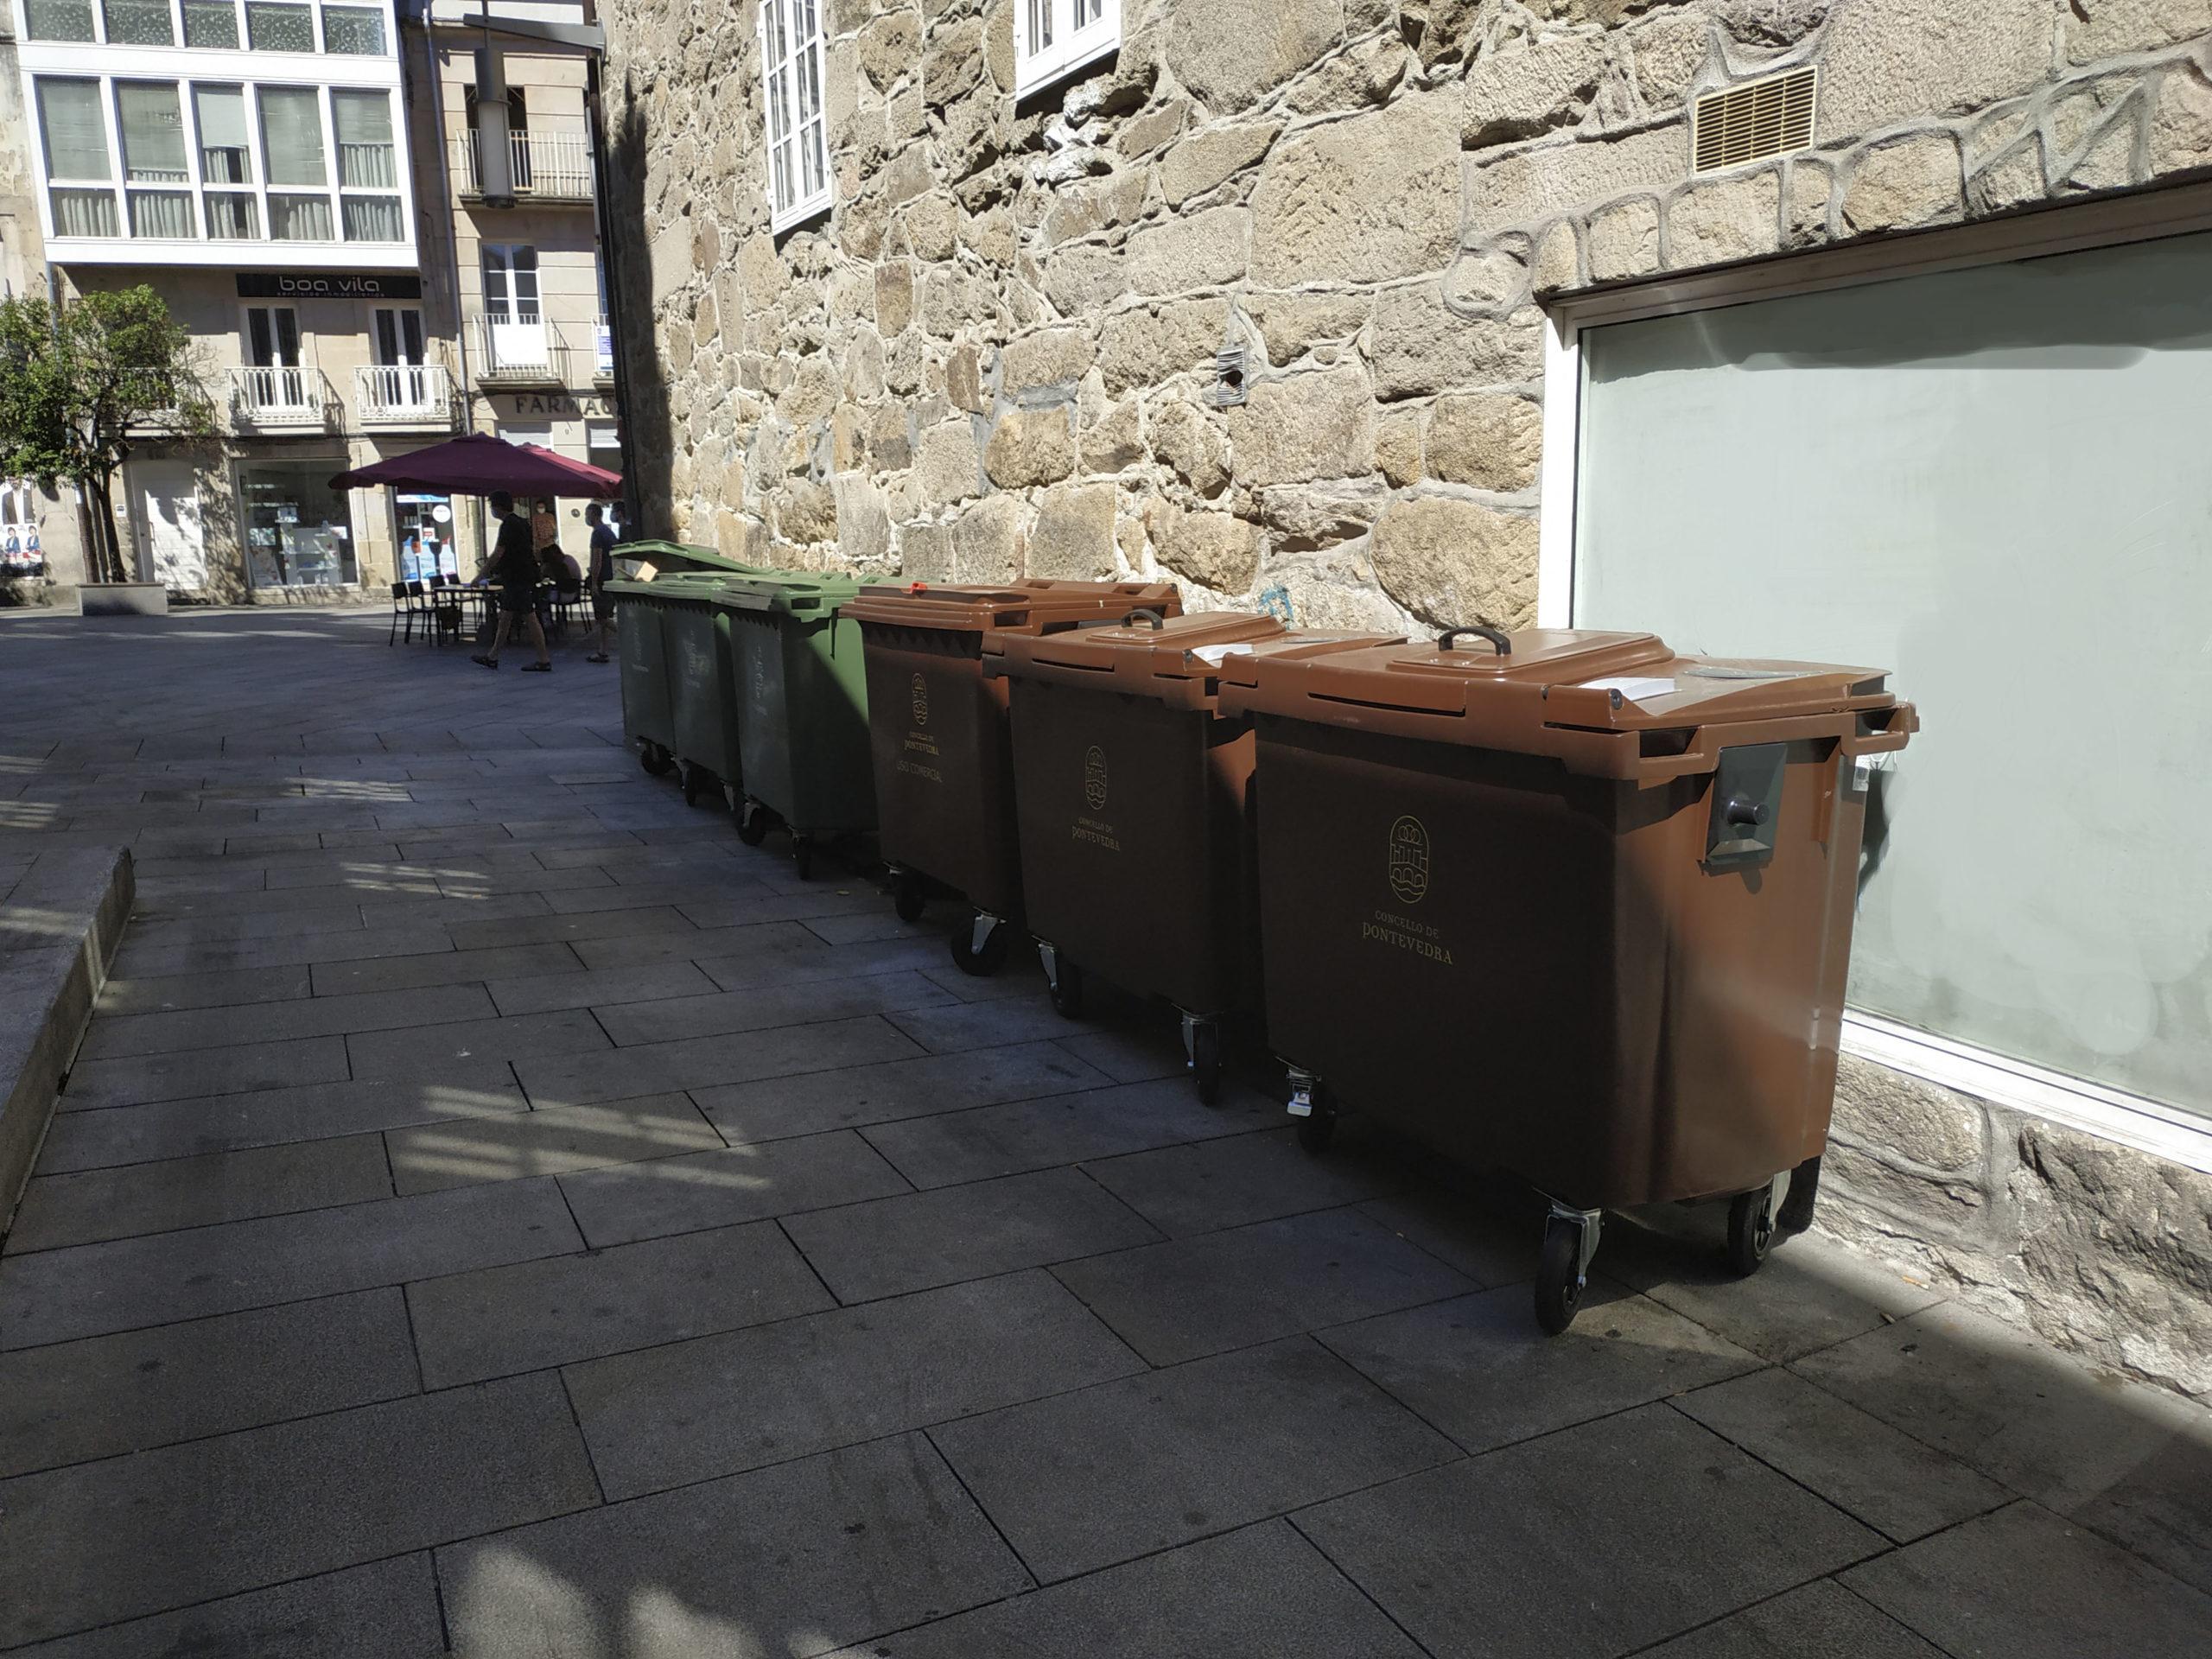 Residuos orgánicos Pontevedra